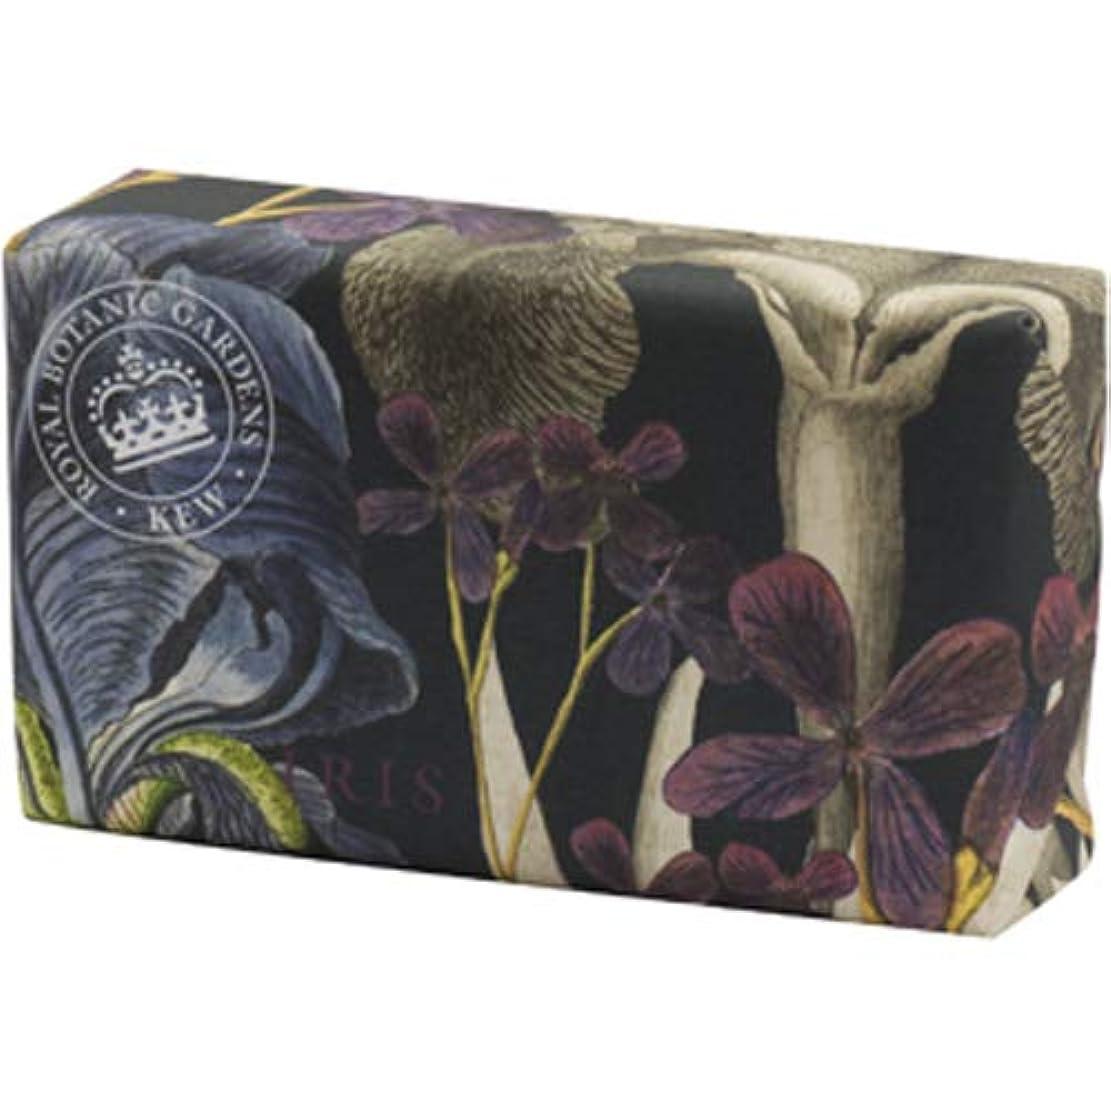 意味のあるフィヨルド含めるEnglish Soap Company イングリッシュソープカンパニー KEW GARDEN キュー?ガーデン Luxury Shea Soaps シアソープ Iris アイリス